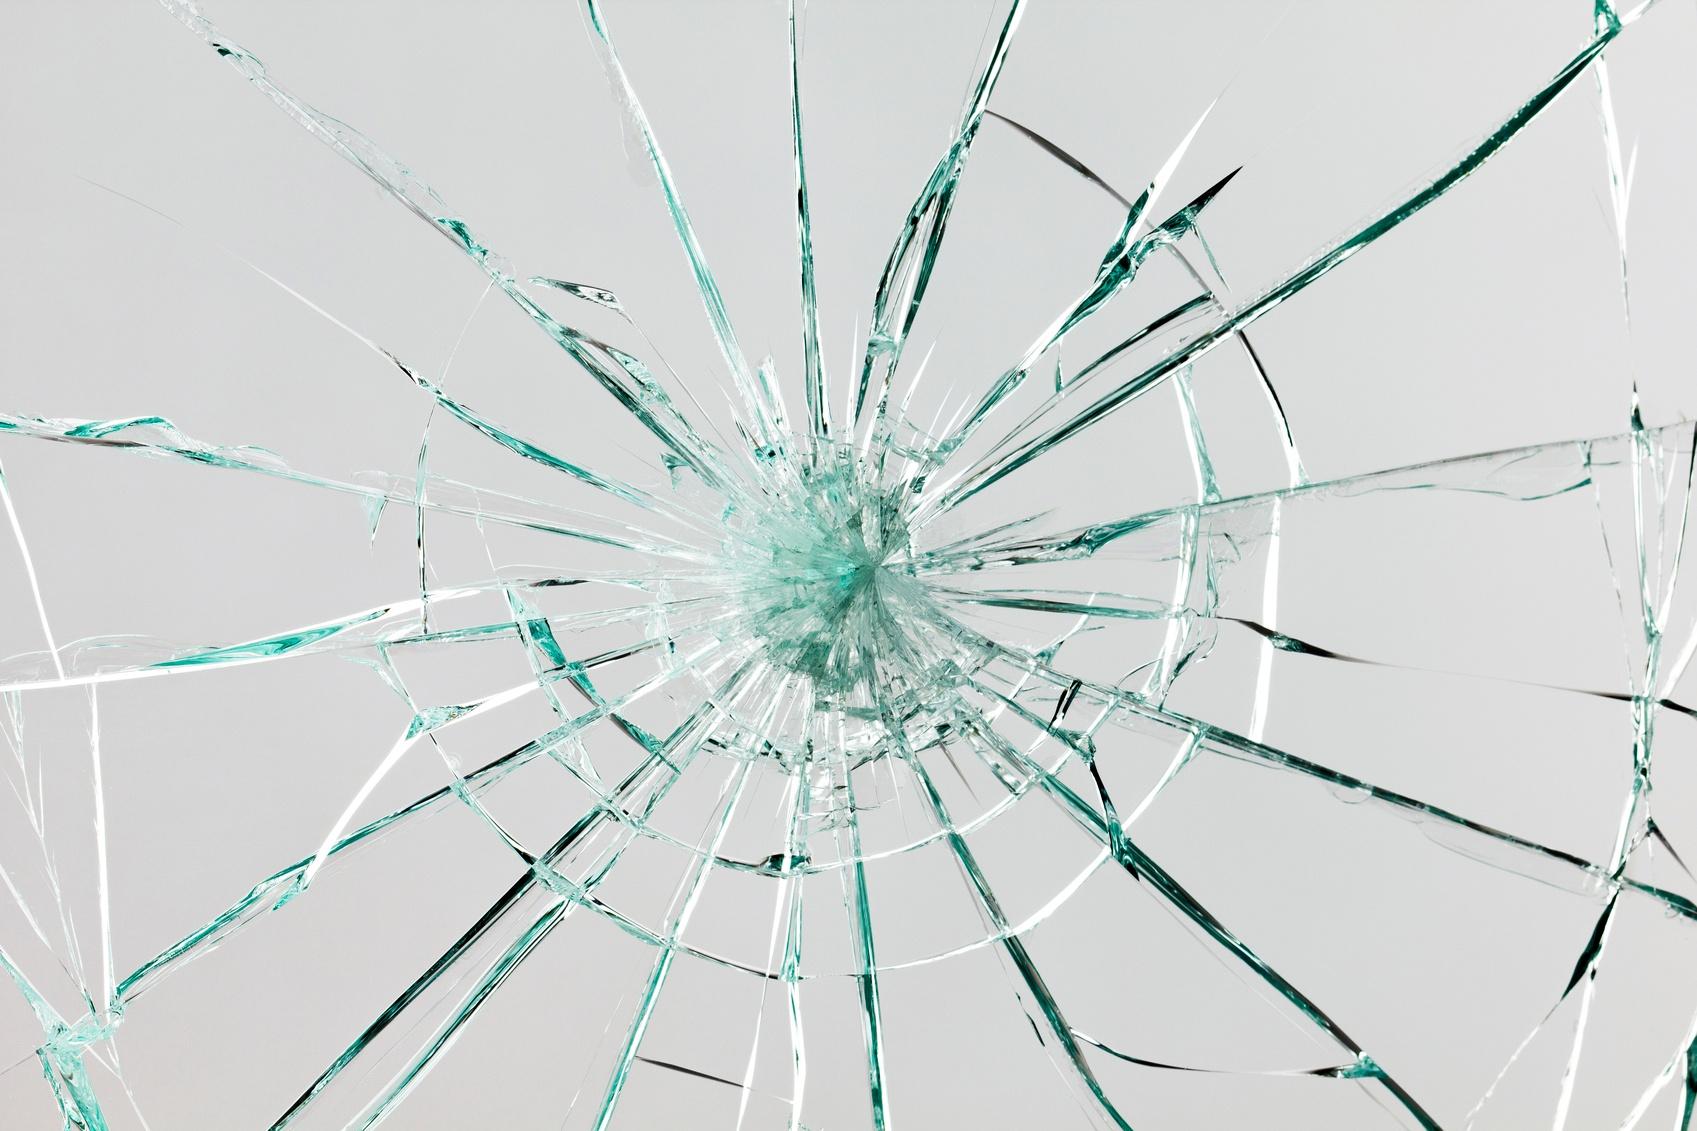 Broken-glass-000021070041_Medium-1.jpg